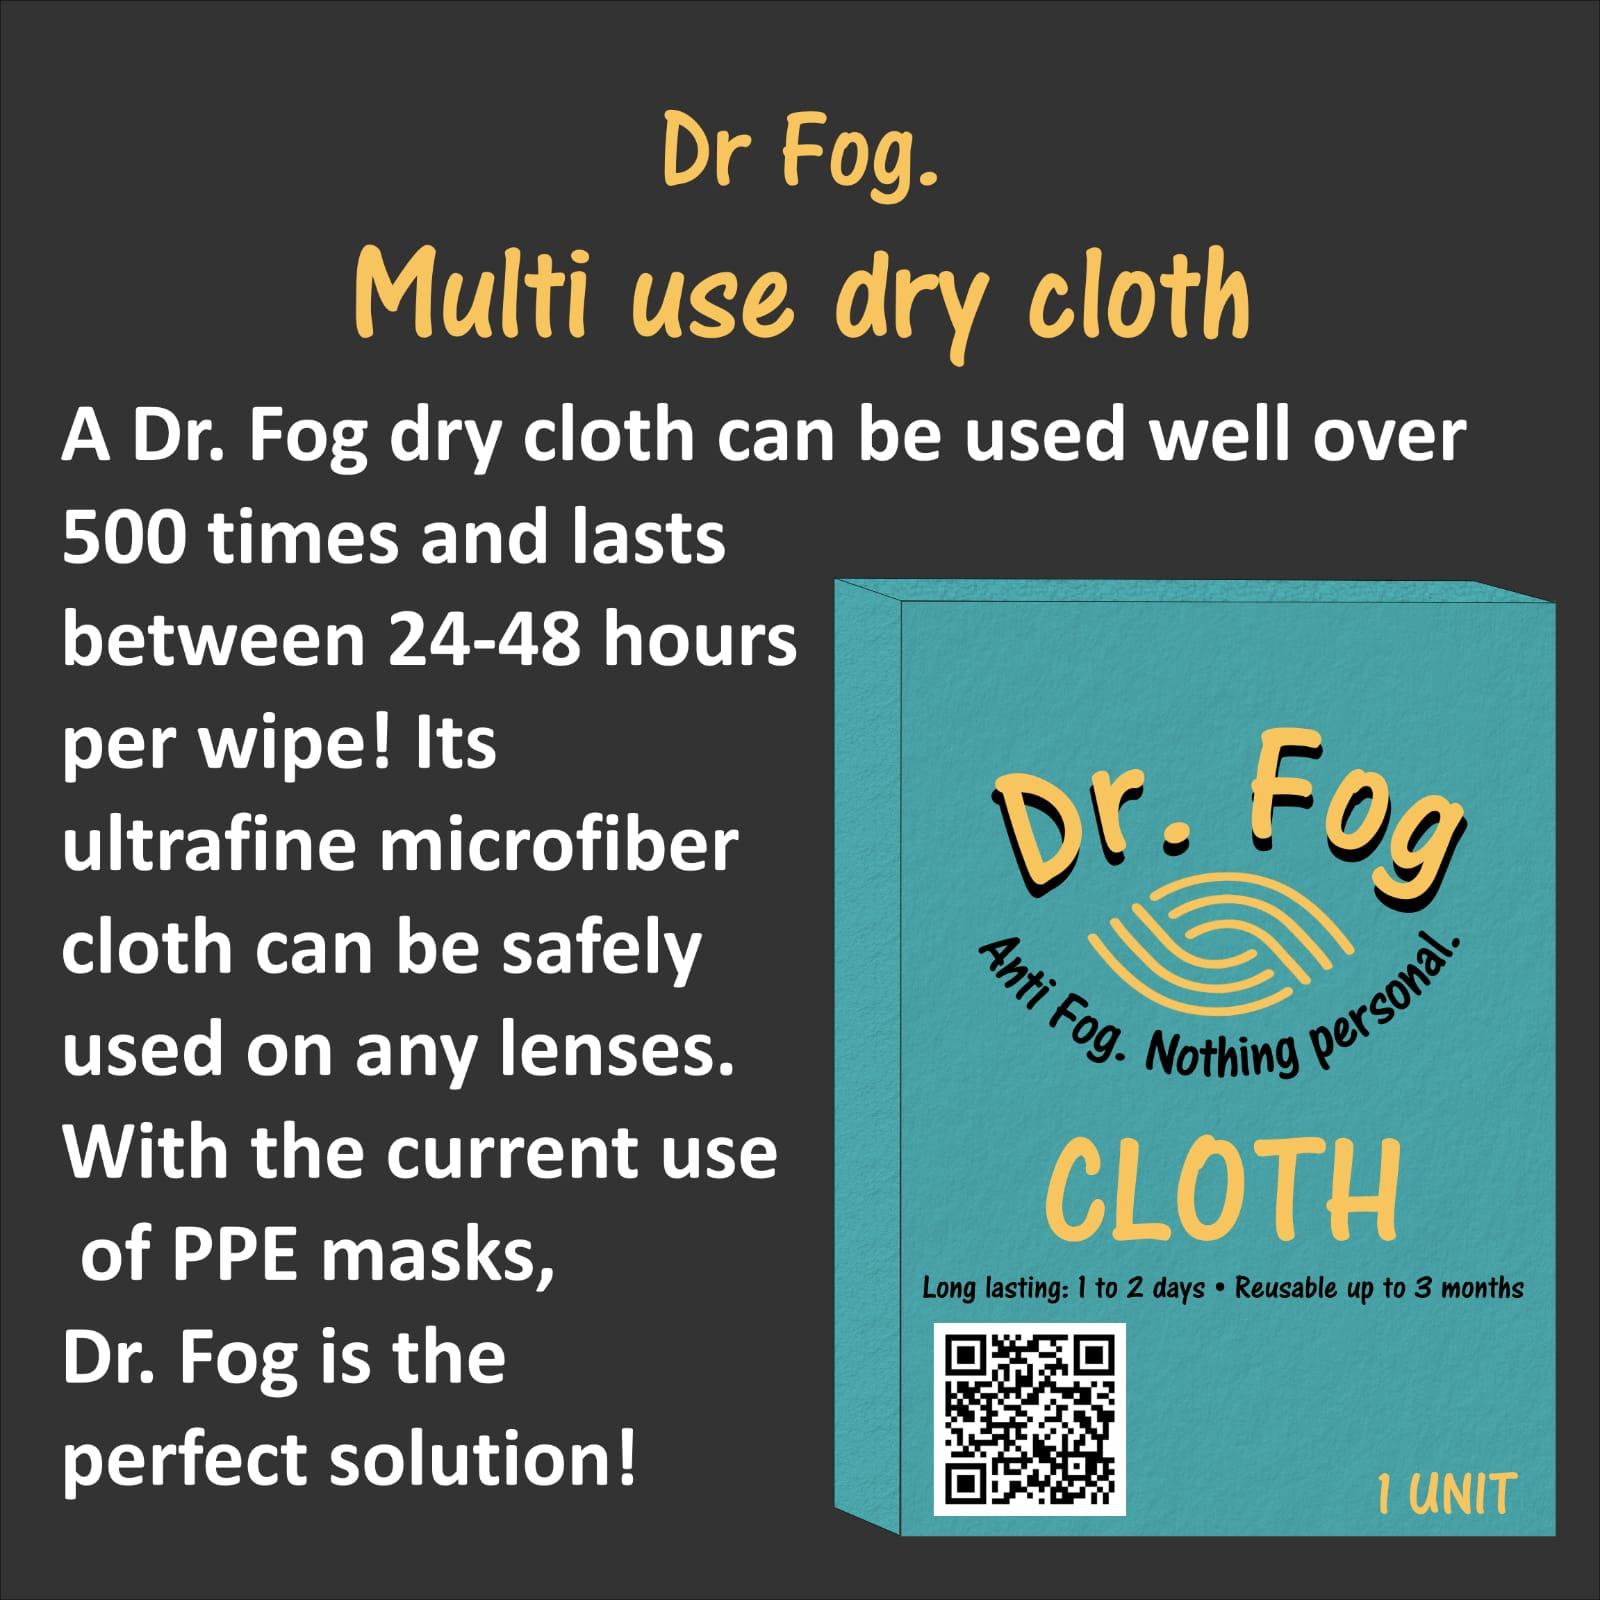 Dr Fog Anti-Fog Products